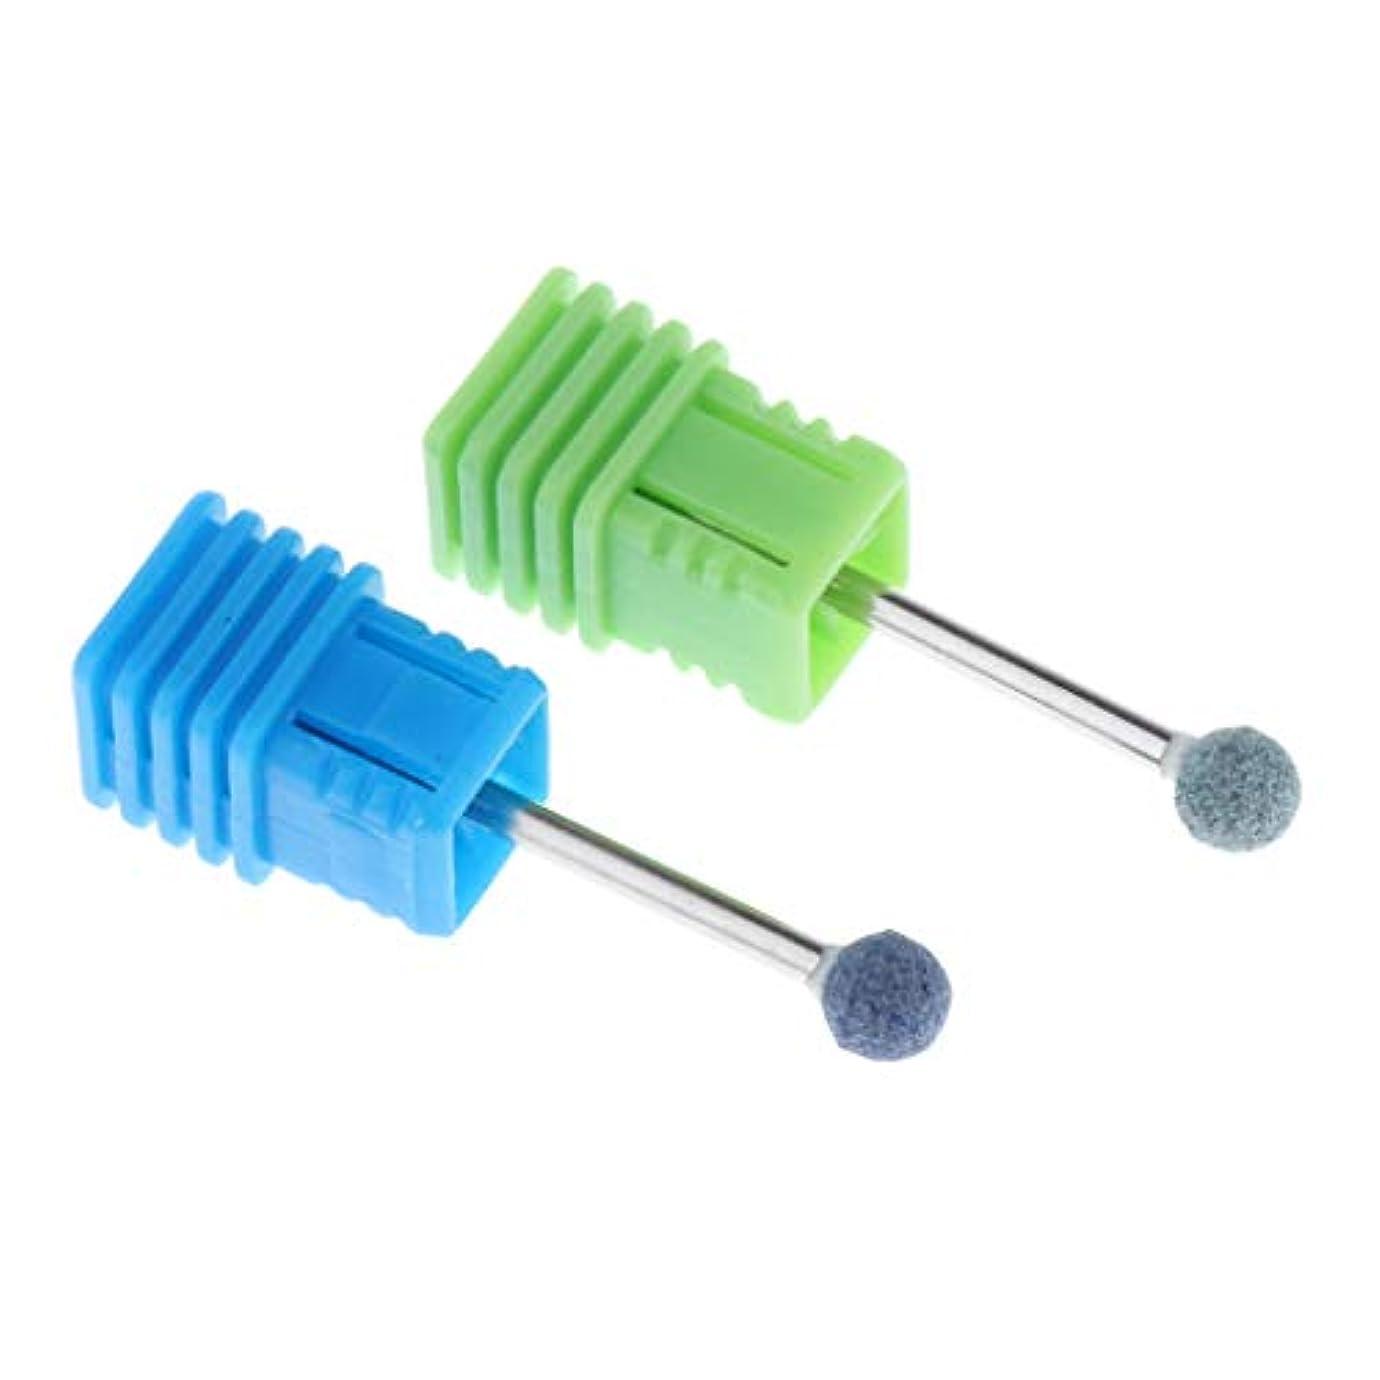 バースプラカード擬人化爪 磨き ヘッド 電動研磨ヘッド ネイル グラインド ヘッド アクリルネイル用ツール 2個 全6カラー - 緑+青